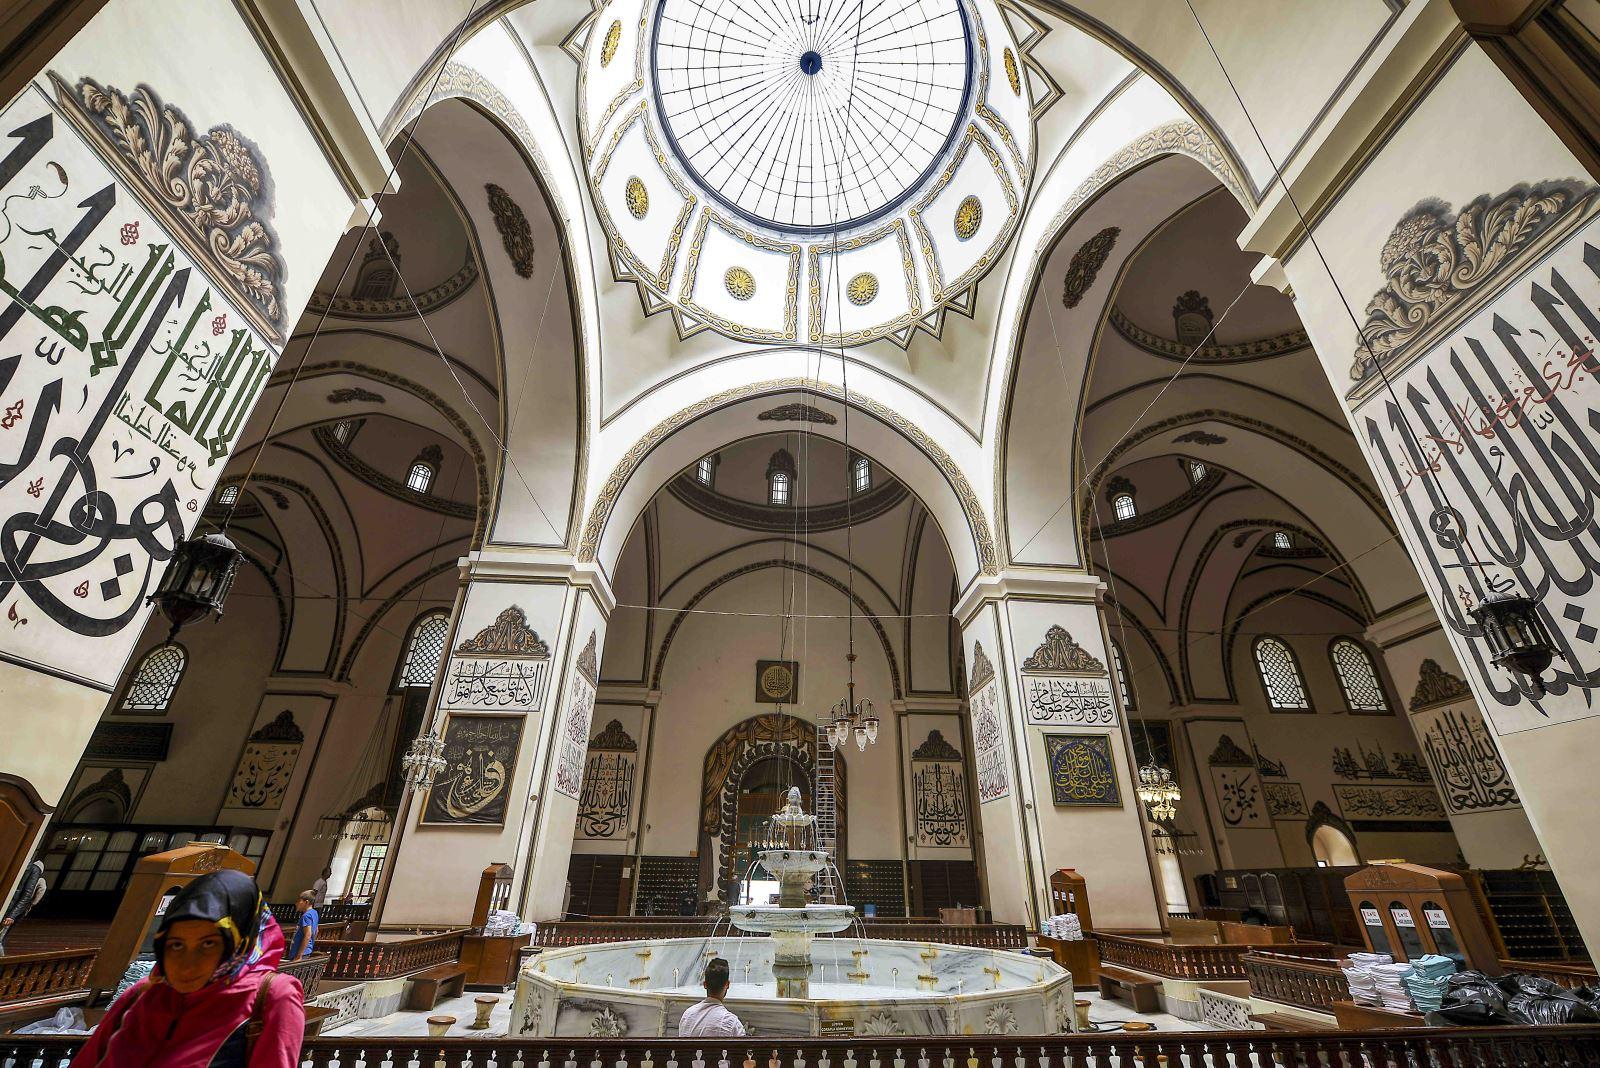 Ulu Camii iç mekan, Bursa, Türkiye'de görülmesi gereken yerler